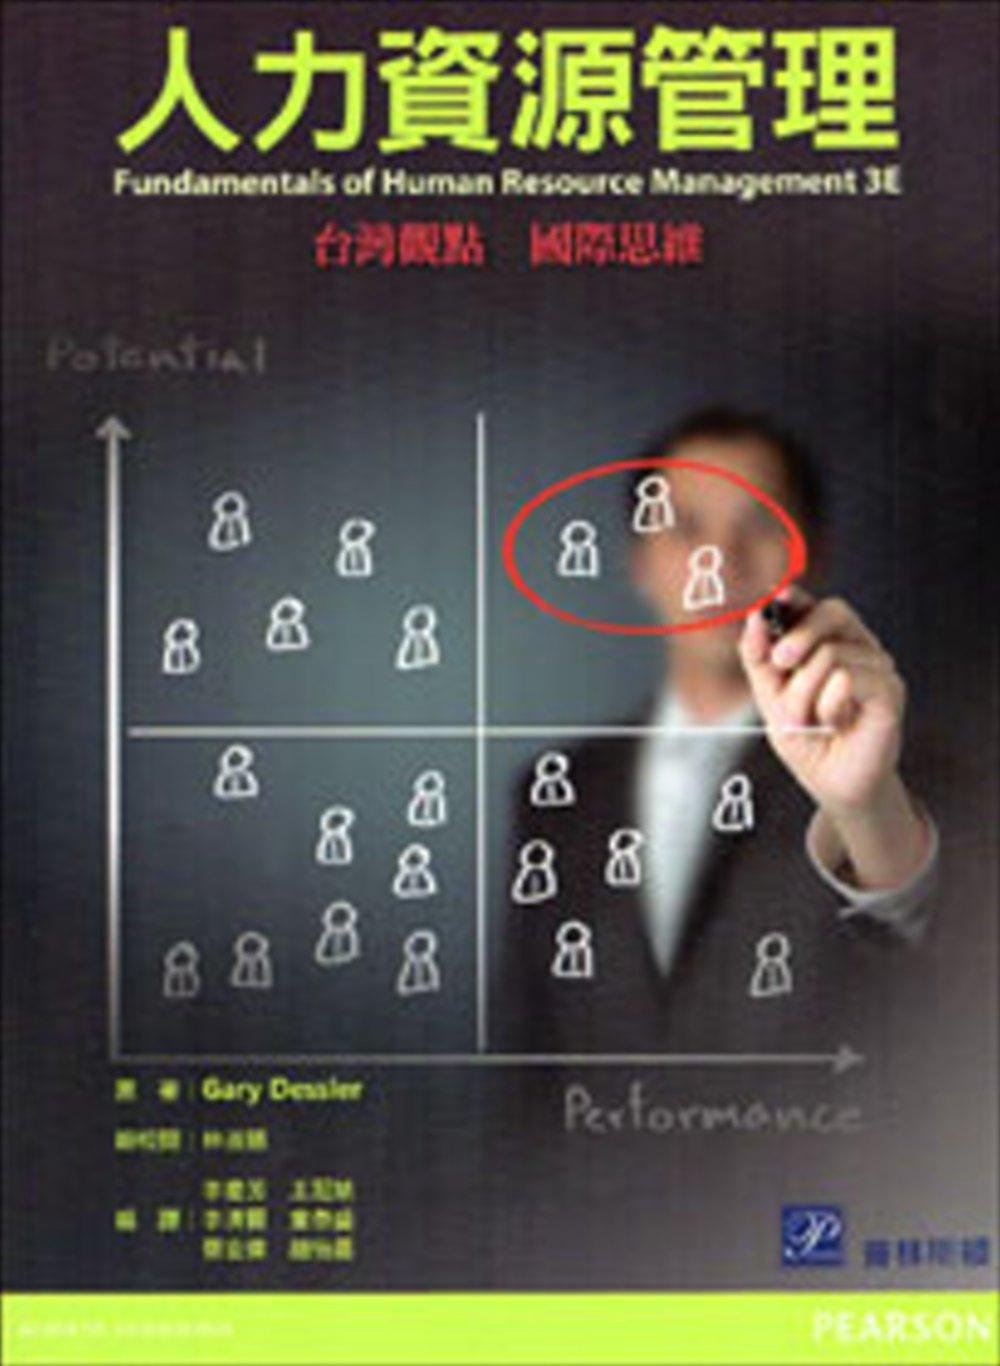 人力資源管理(二版)